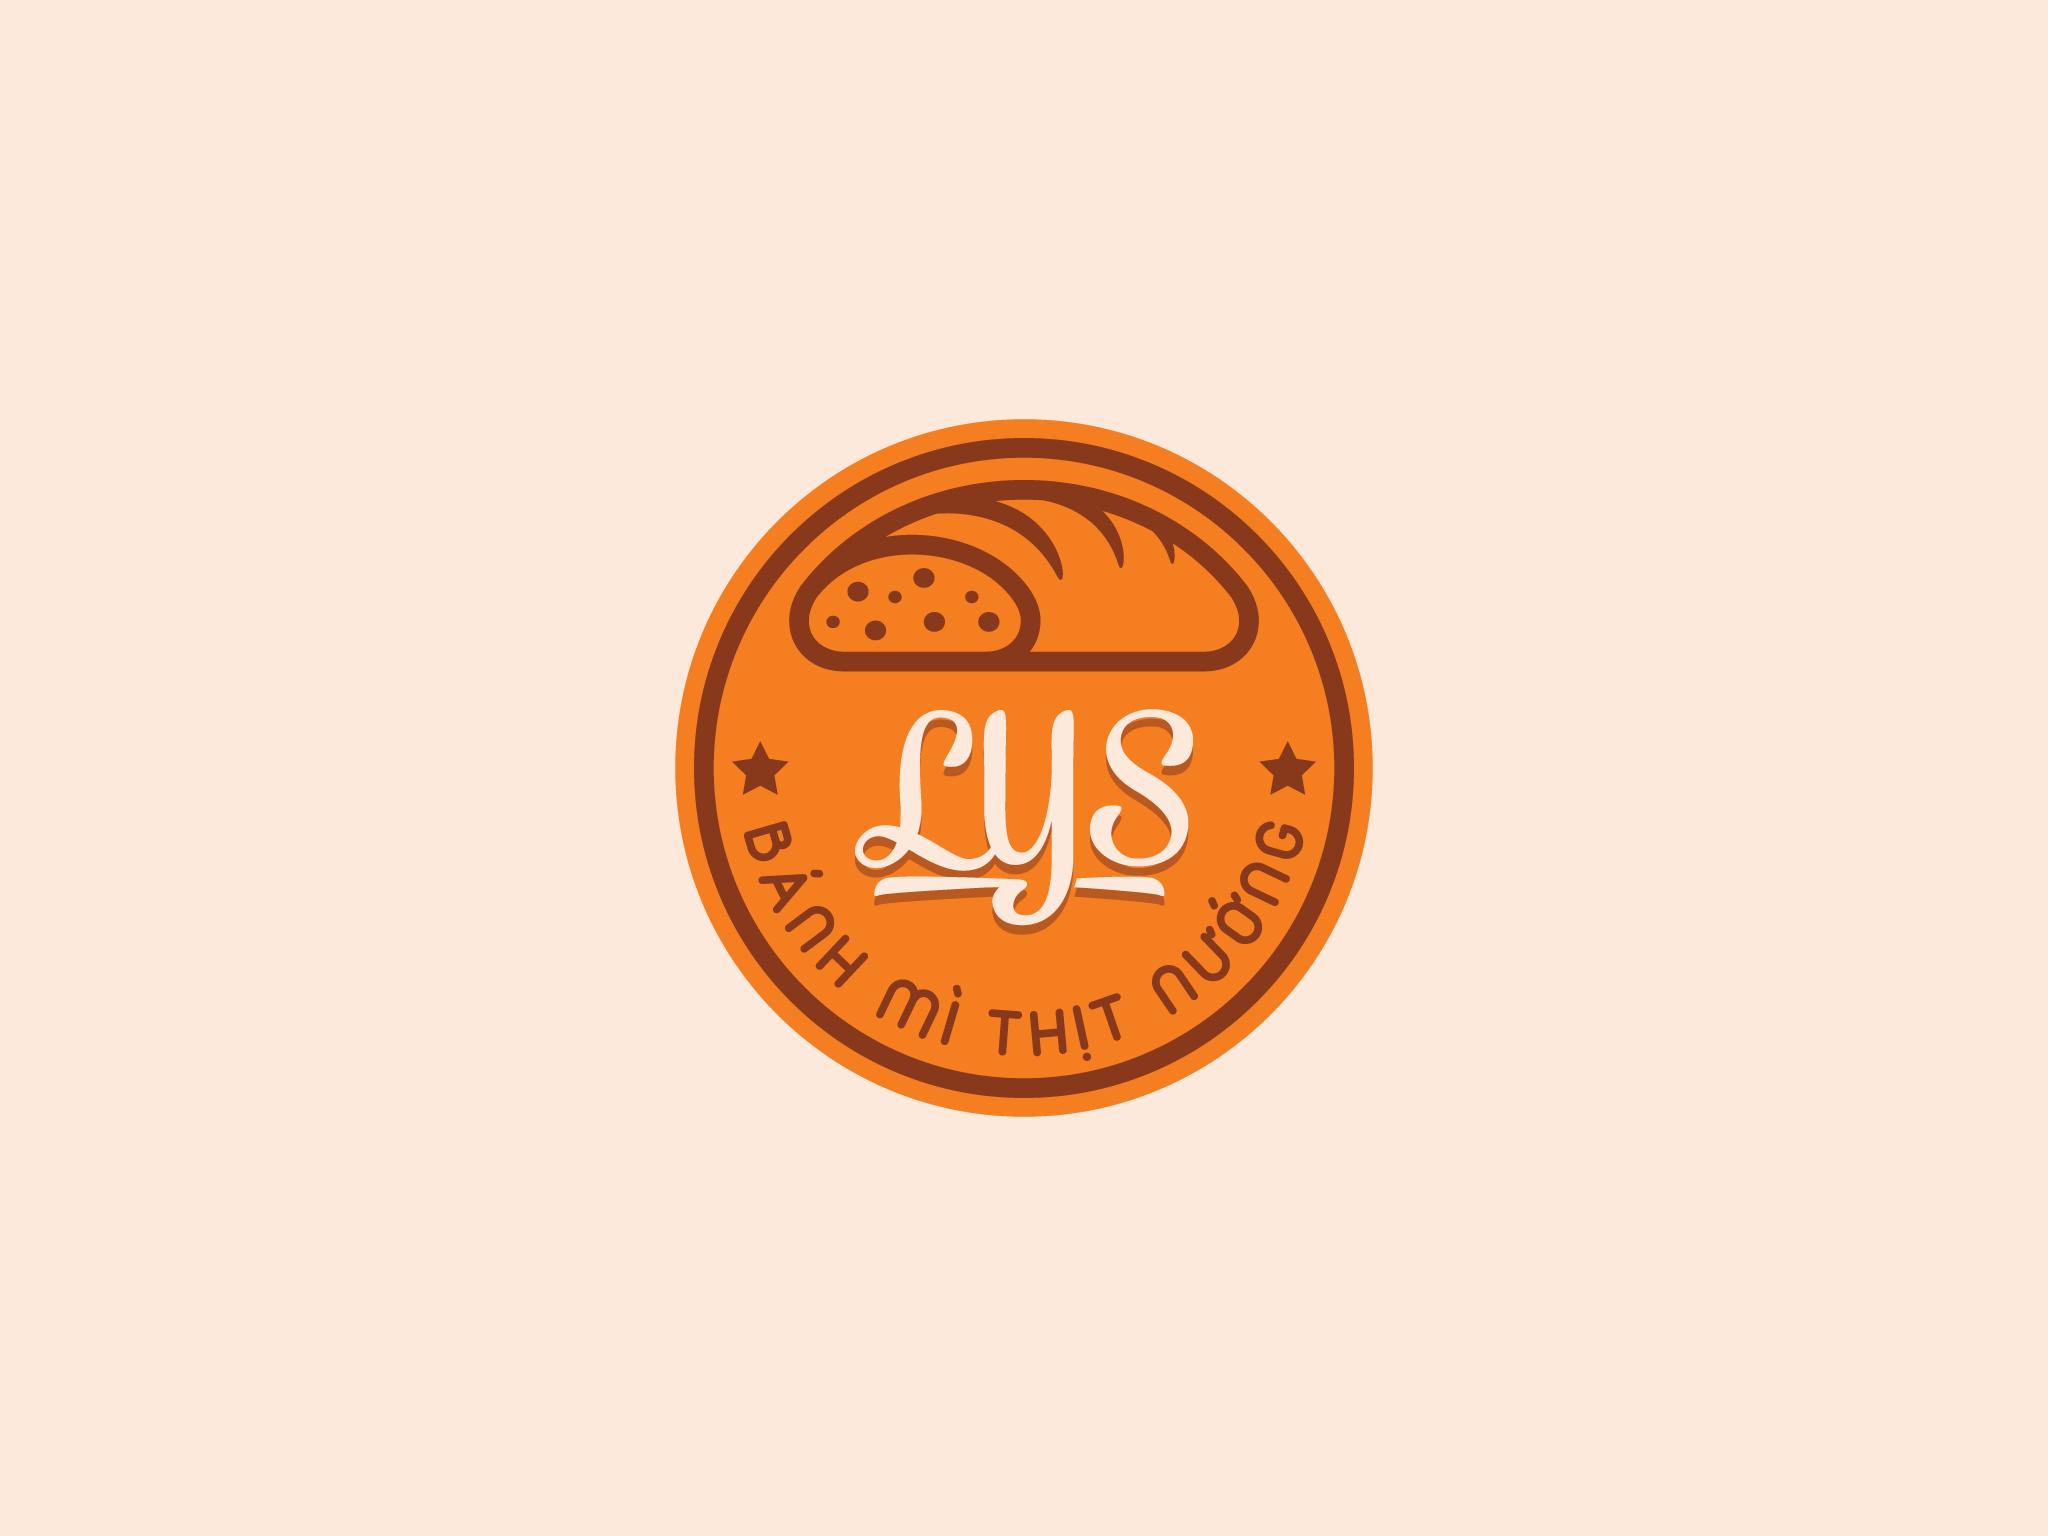 thiet ke logo phong thuy cho nguoi menh kim (5)